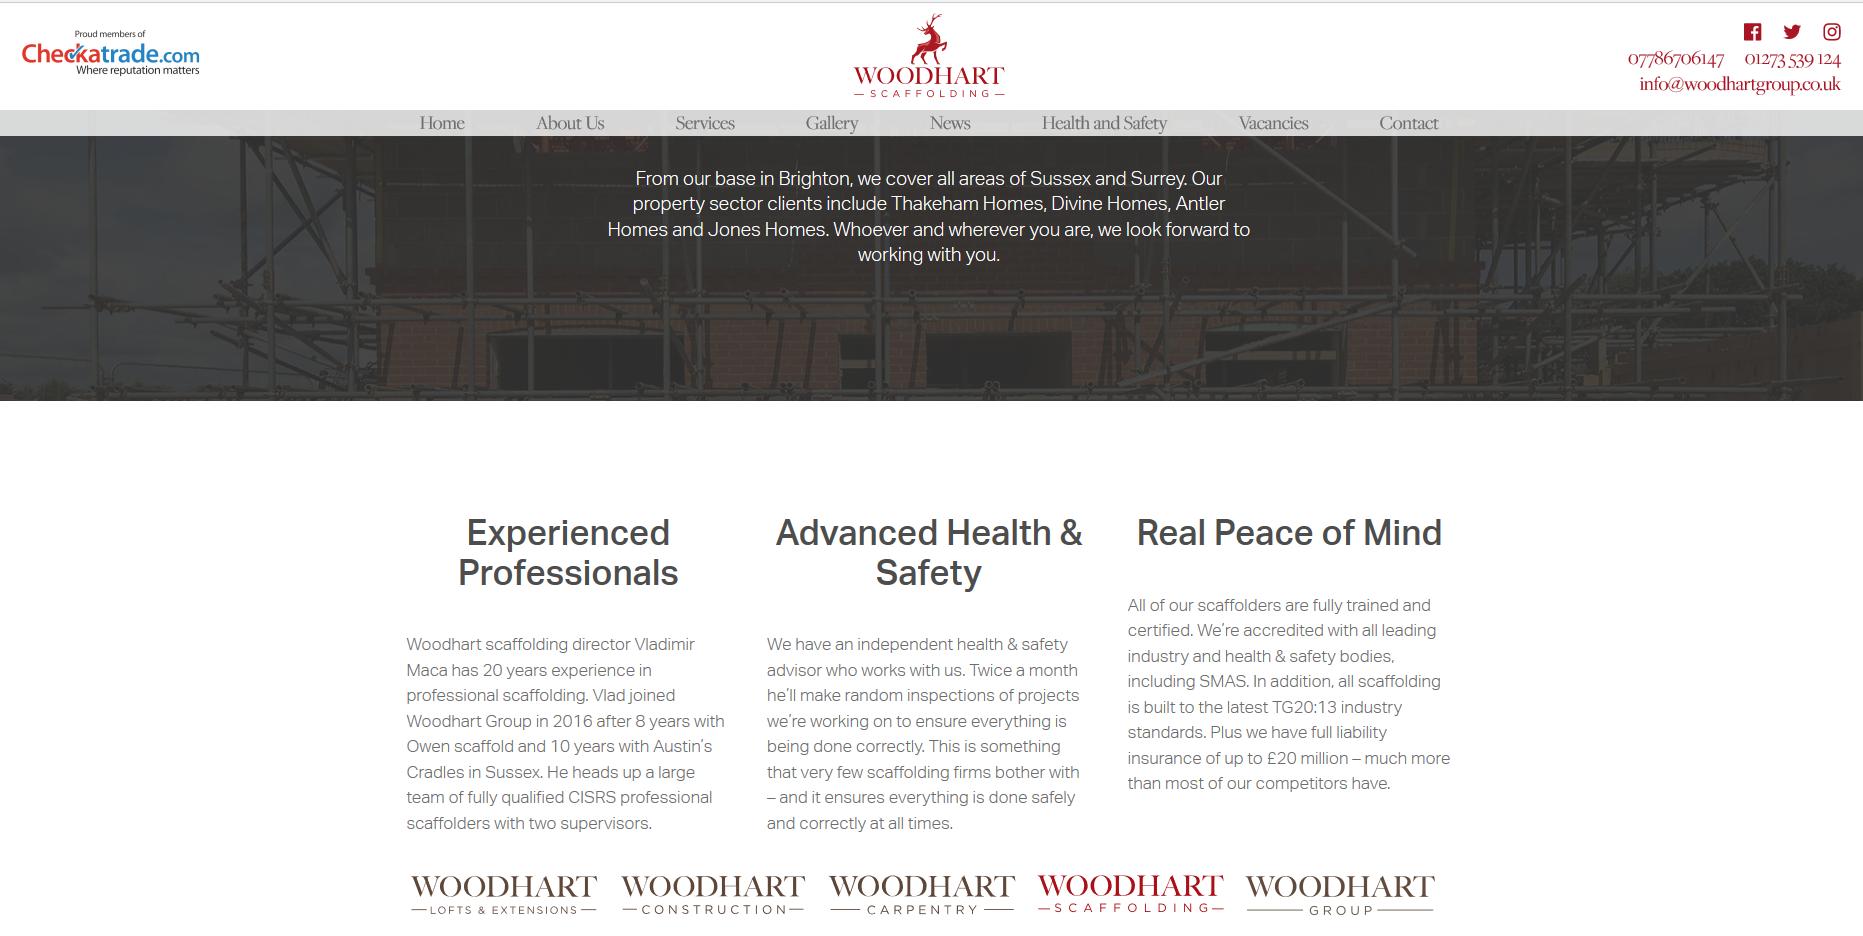 Woodhart Scaffolding web page